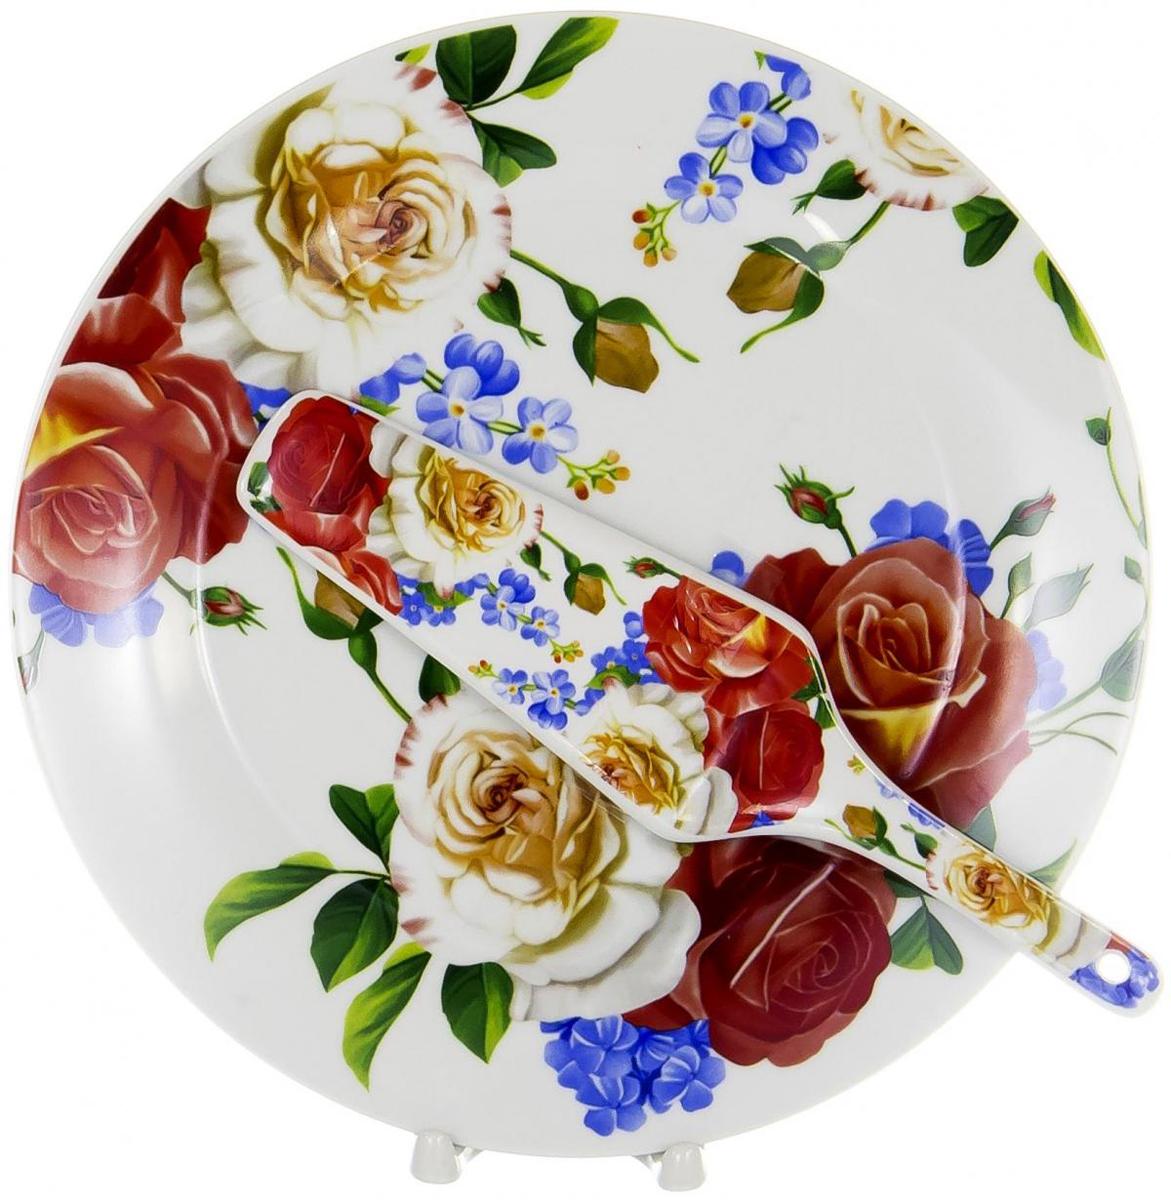 """Набор для торта """"Olaff"""" состоит из блюда и лопатки. Изделия выполнены из керамики и оформлены изящным рисунком. Набор идеален для подачи тортов, пирогов и другой выпечки. Яркий дизайн сделает набор изысканным украшением праздничного стола.  Набор: тарелка 270мм + лопатка."""